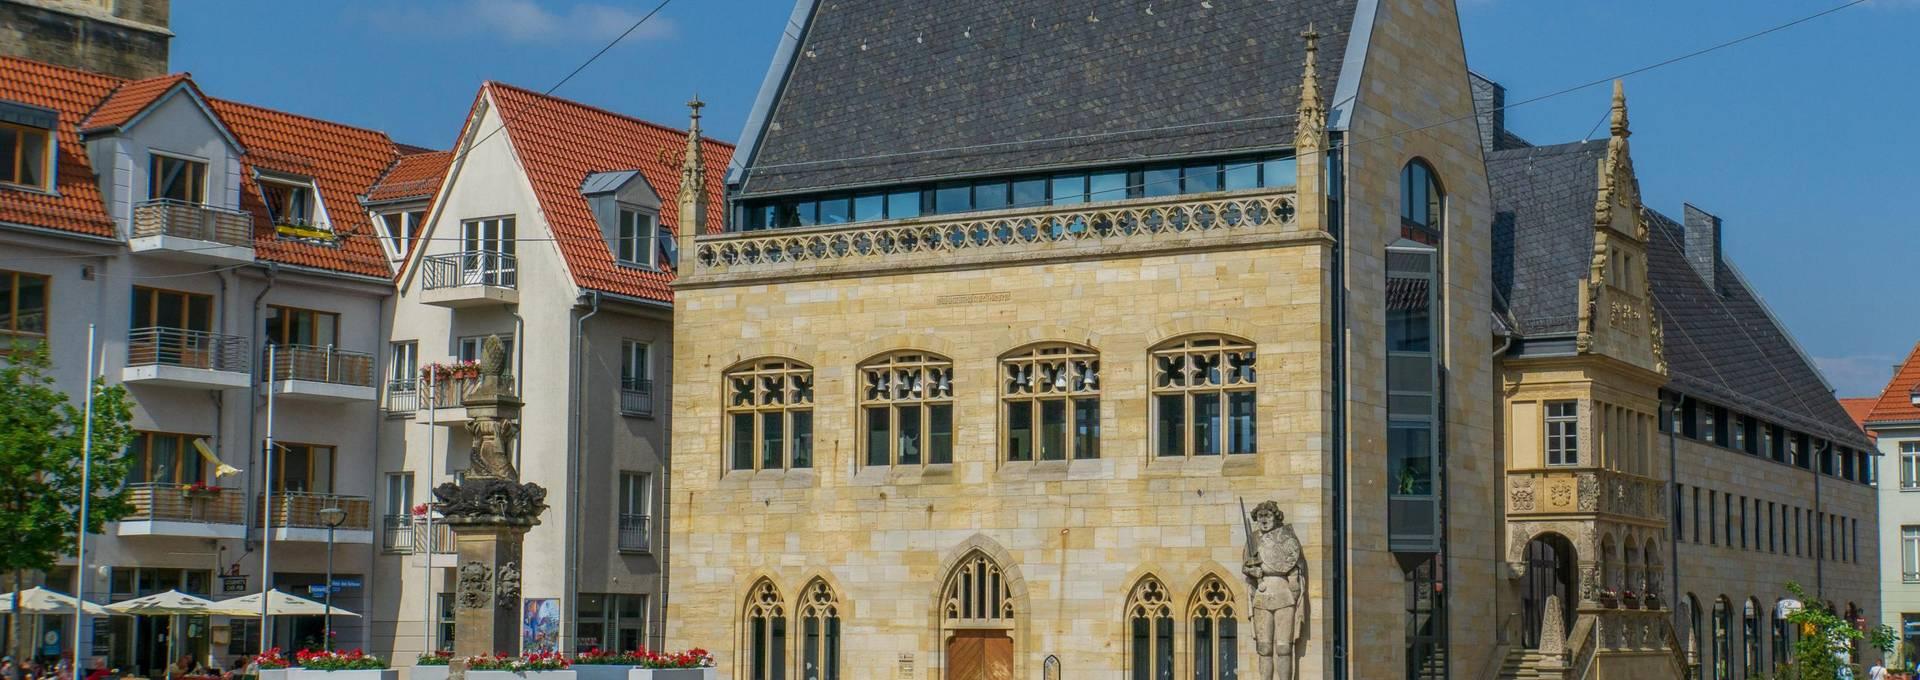 rathaus stefan herfurth ©Stefan Herfurth